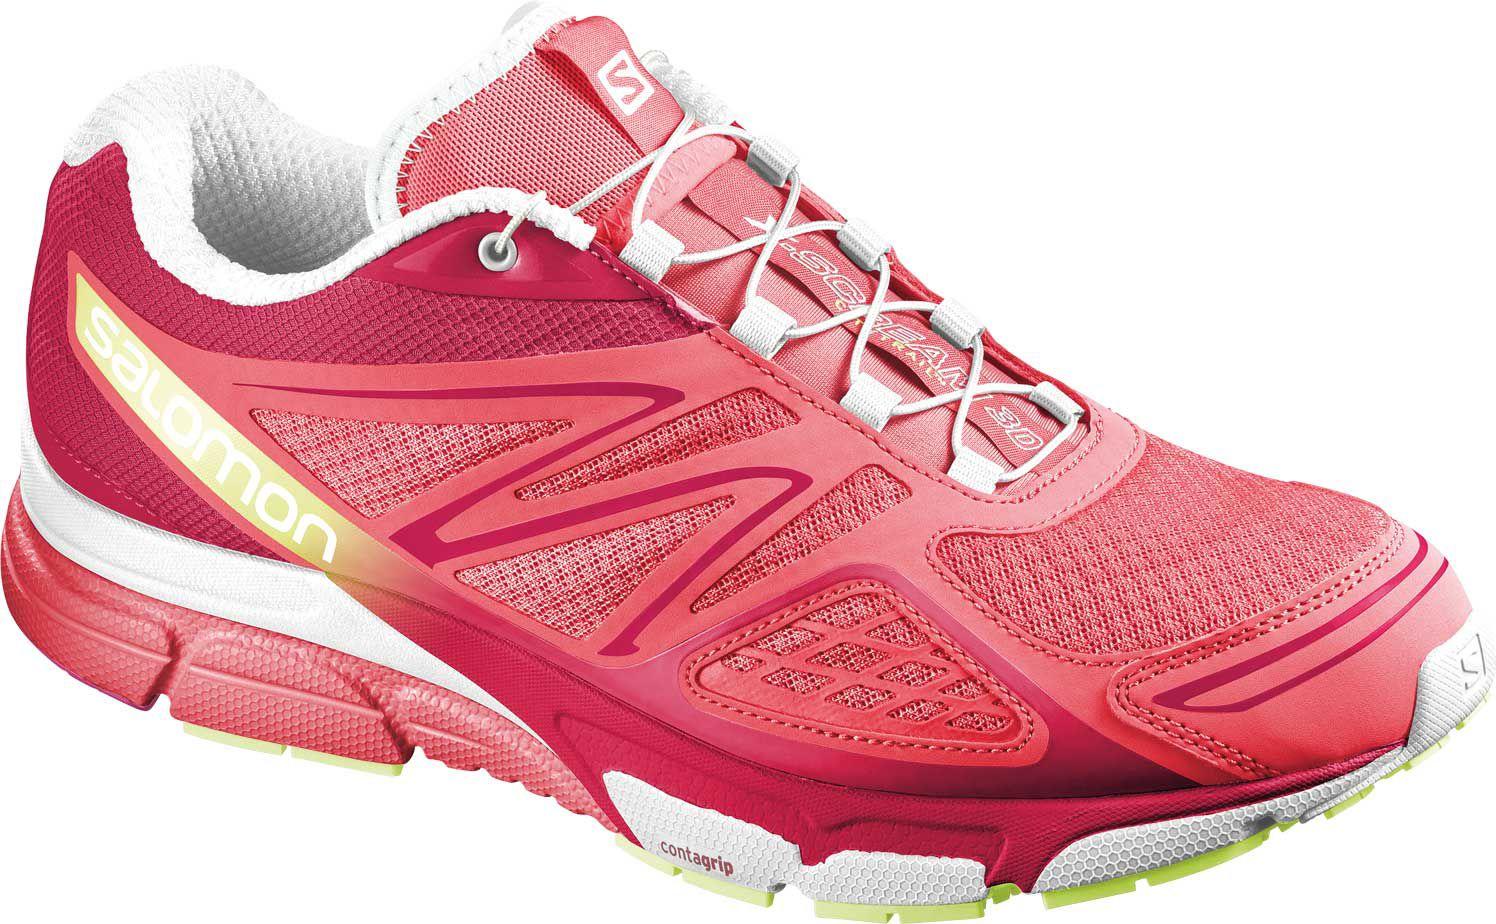 Salomon Women's X-Scream 3D Trail Running Shoes. 0:00. 0:00 / 0:00.  noImageFound ???